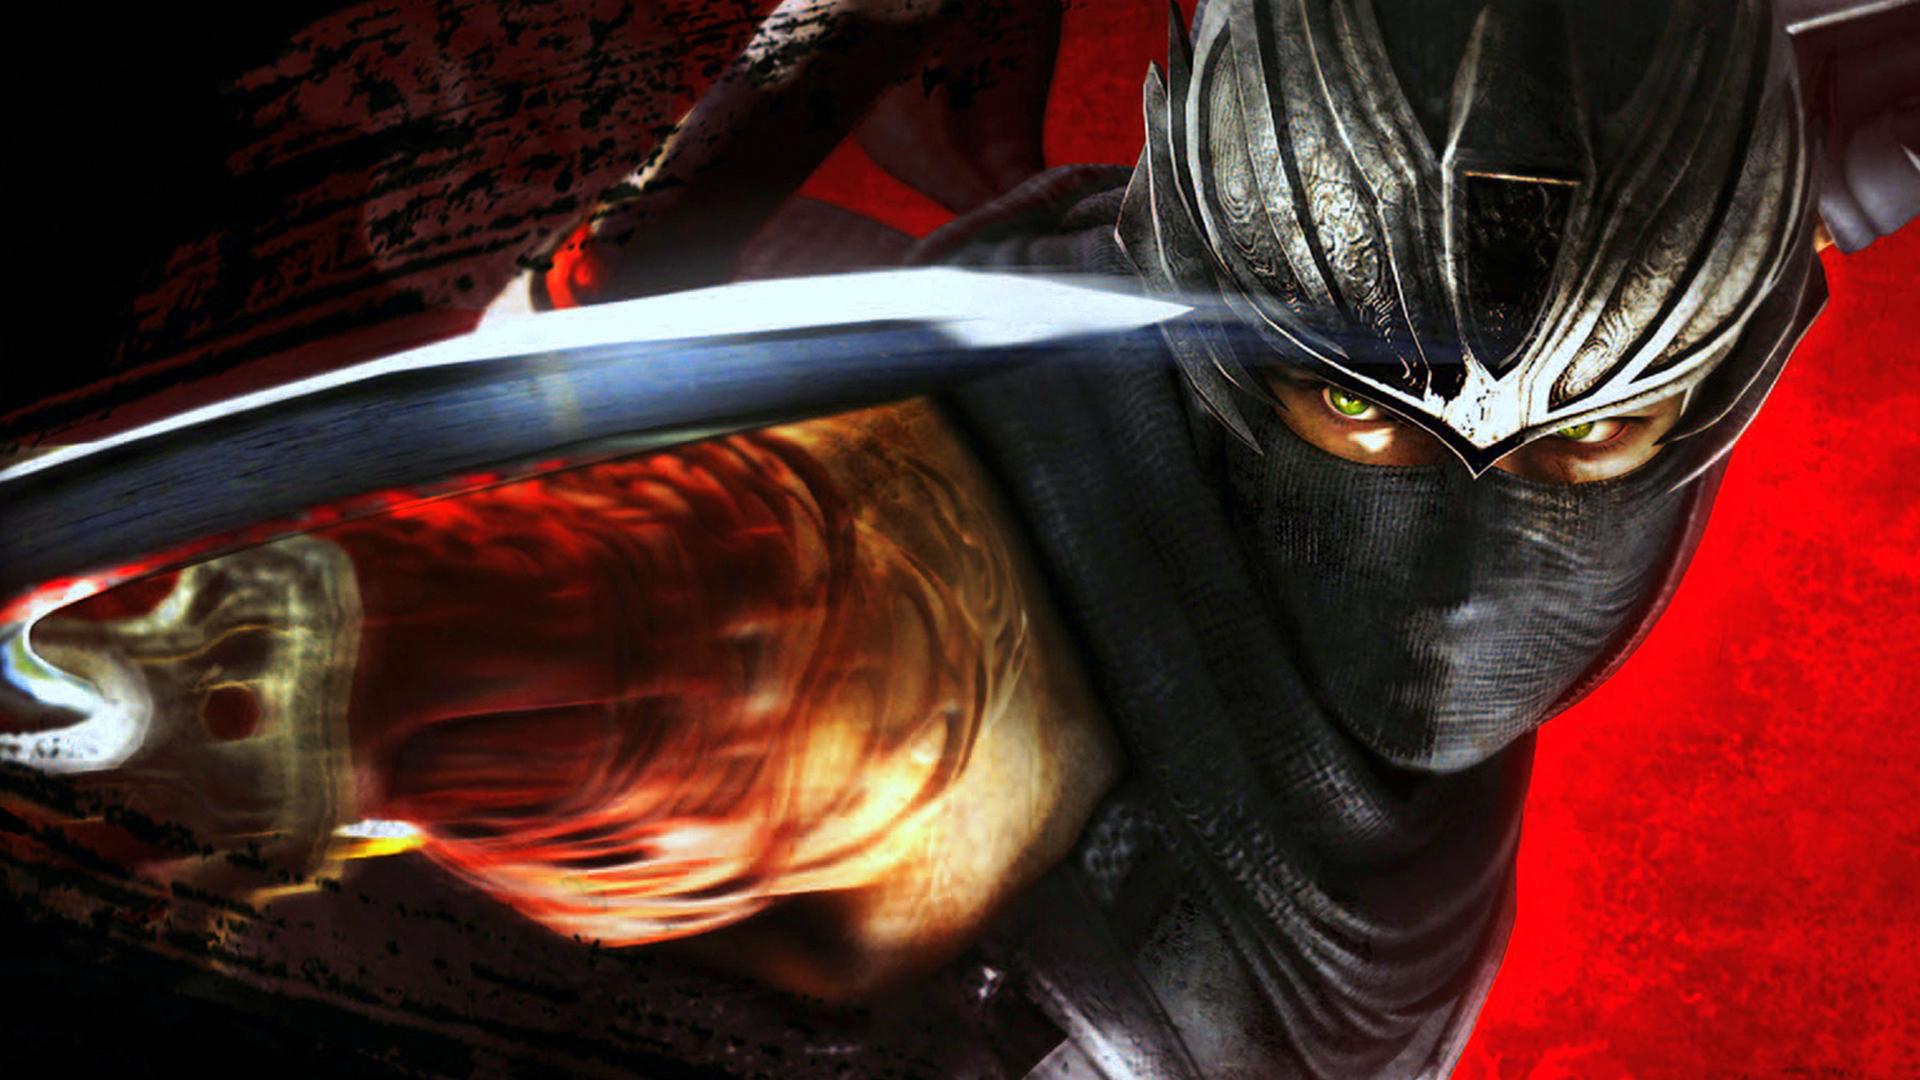 NINJA GAIDEN fantasy anime warrior weapon sword blood j wallpaper    Ninja Weapons Wallpaper